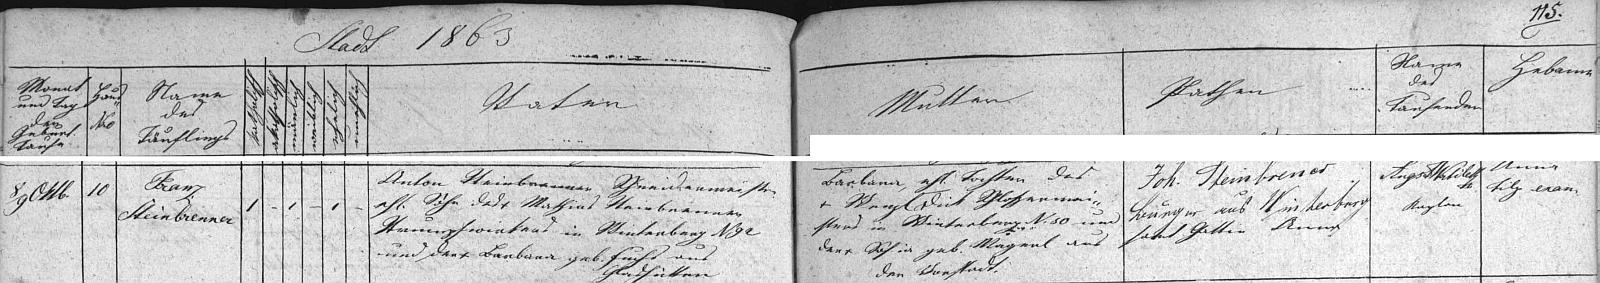 Záznam vimperské křestní matriky o narození otcově